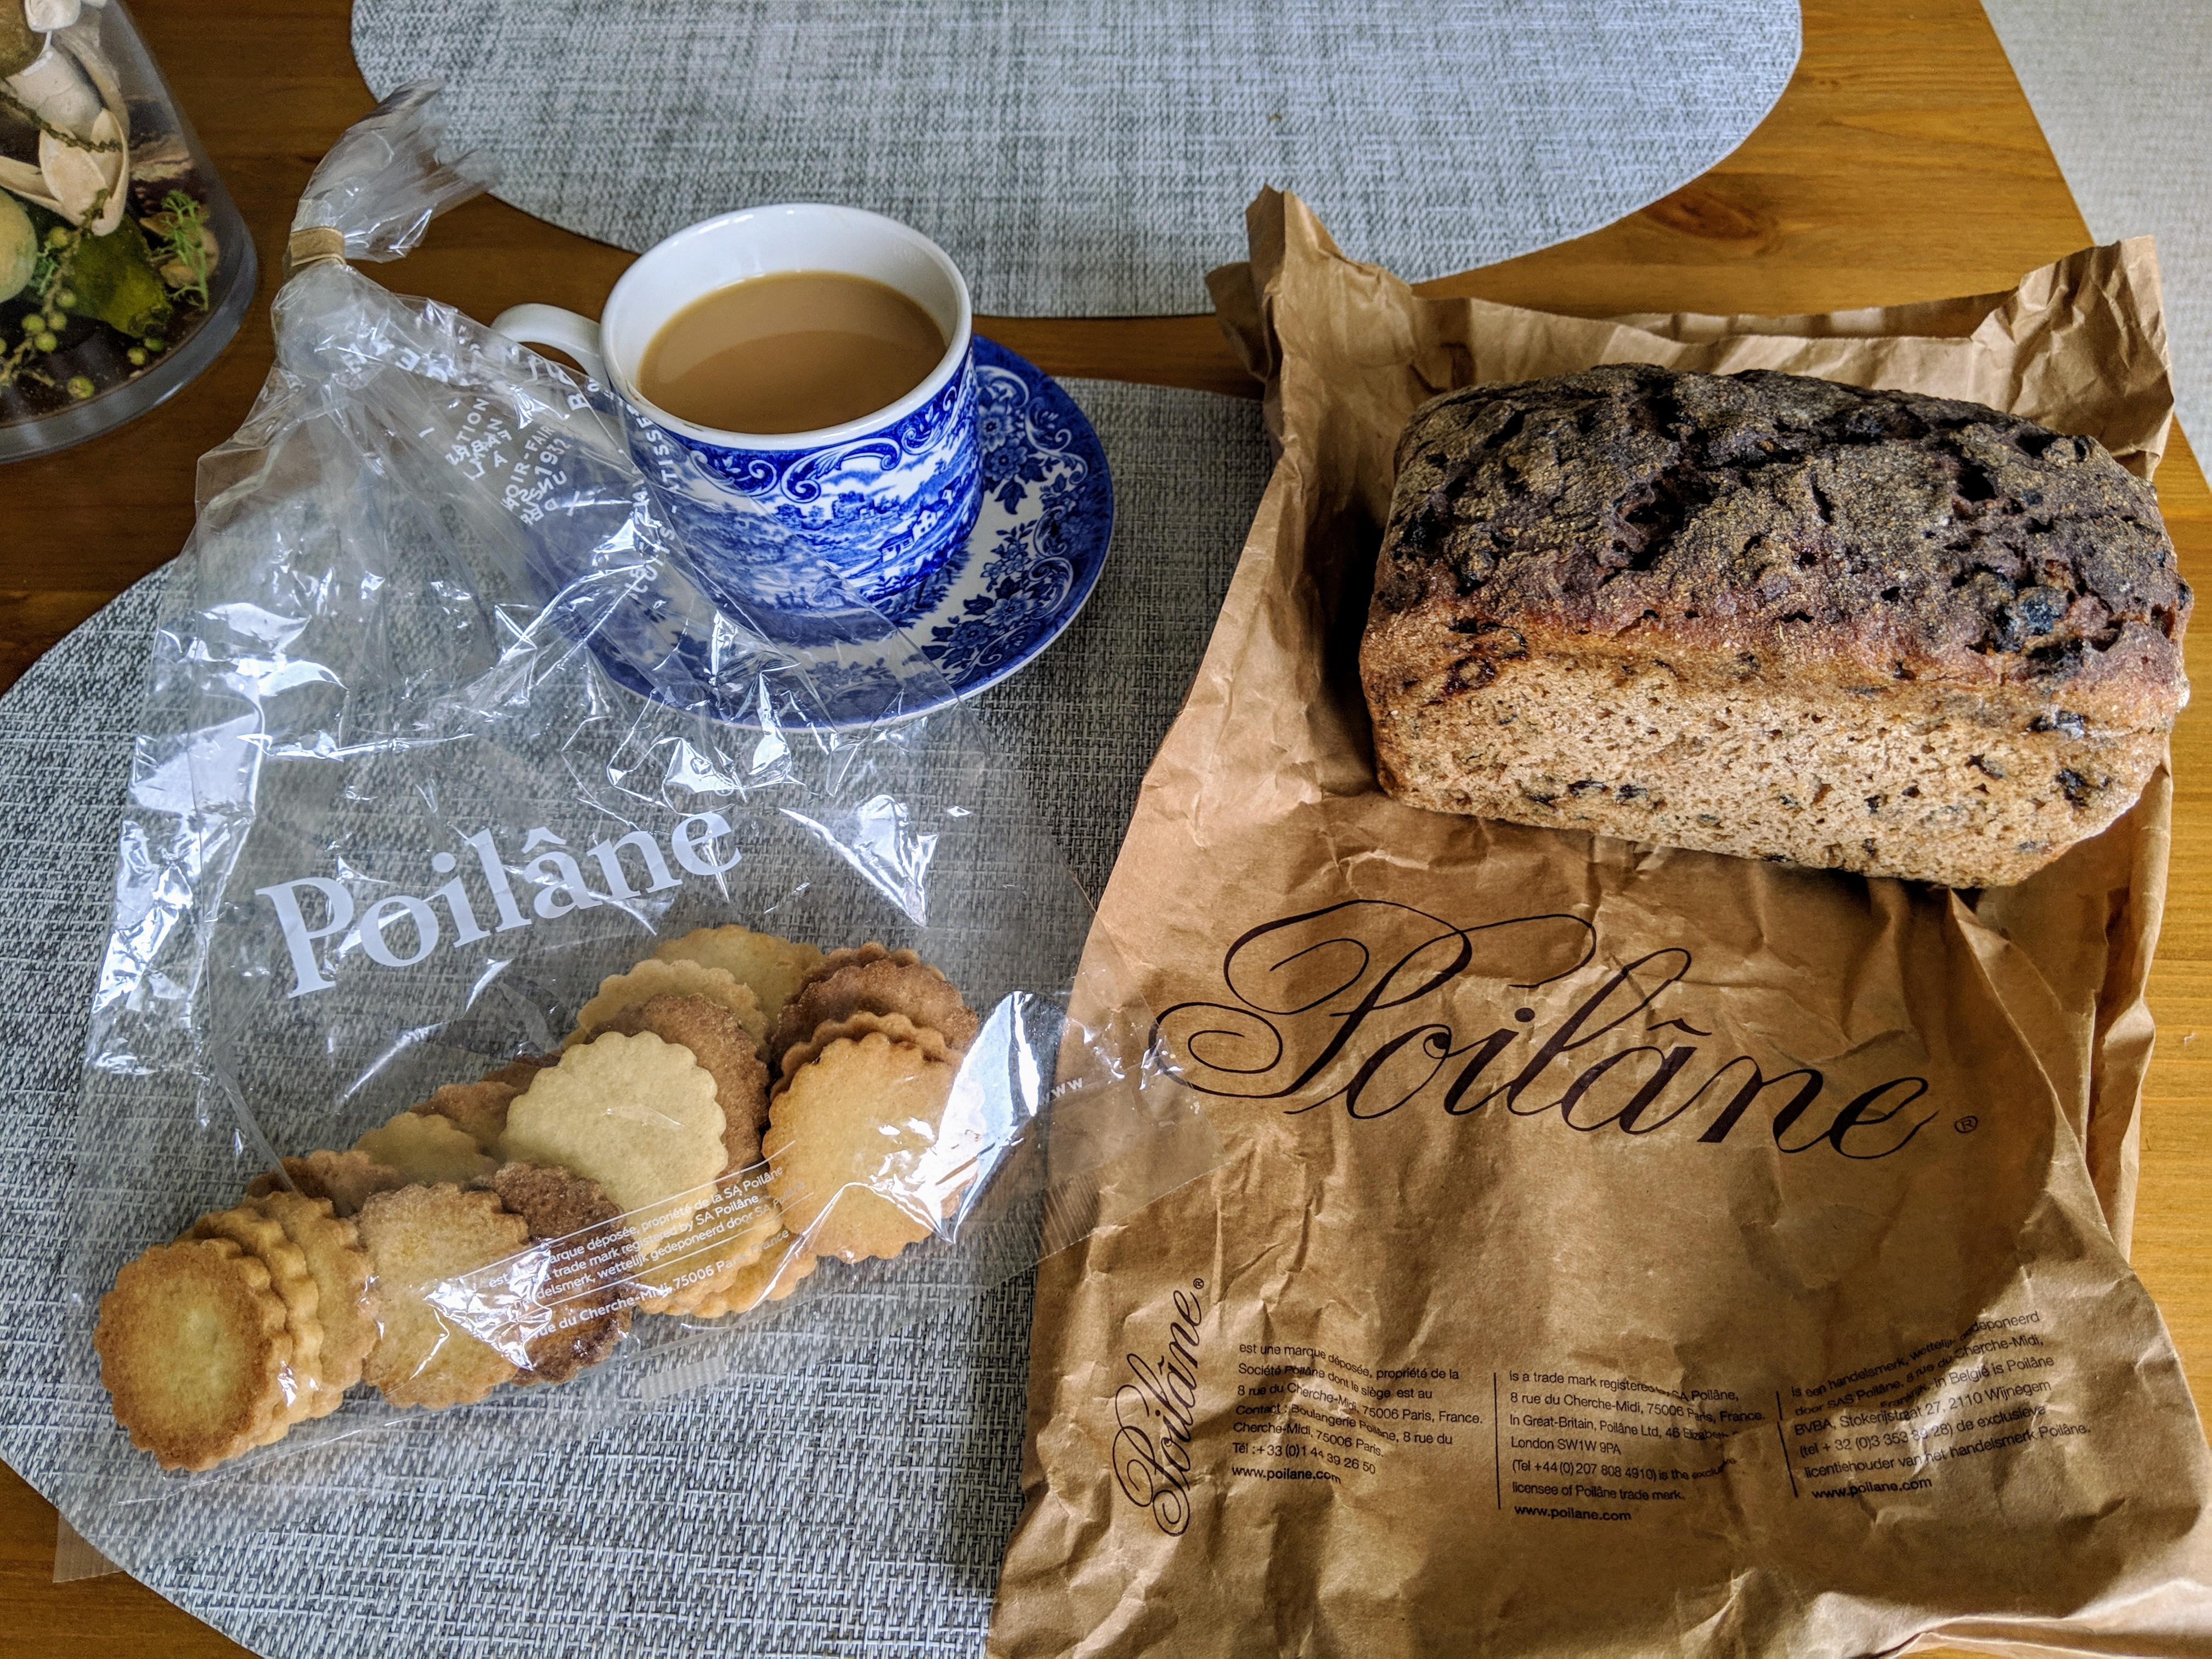 Poilane ロンドン イギリス ベーカリー ポワレーヌ パン クッキー